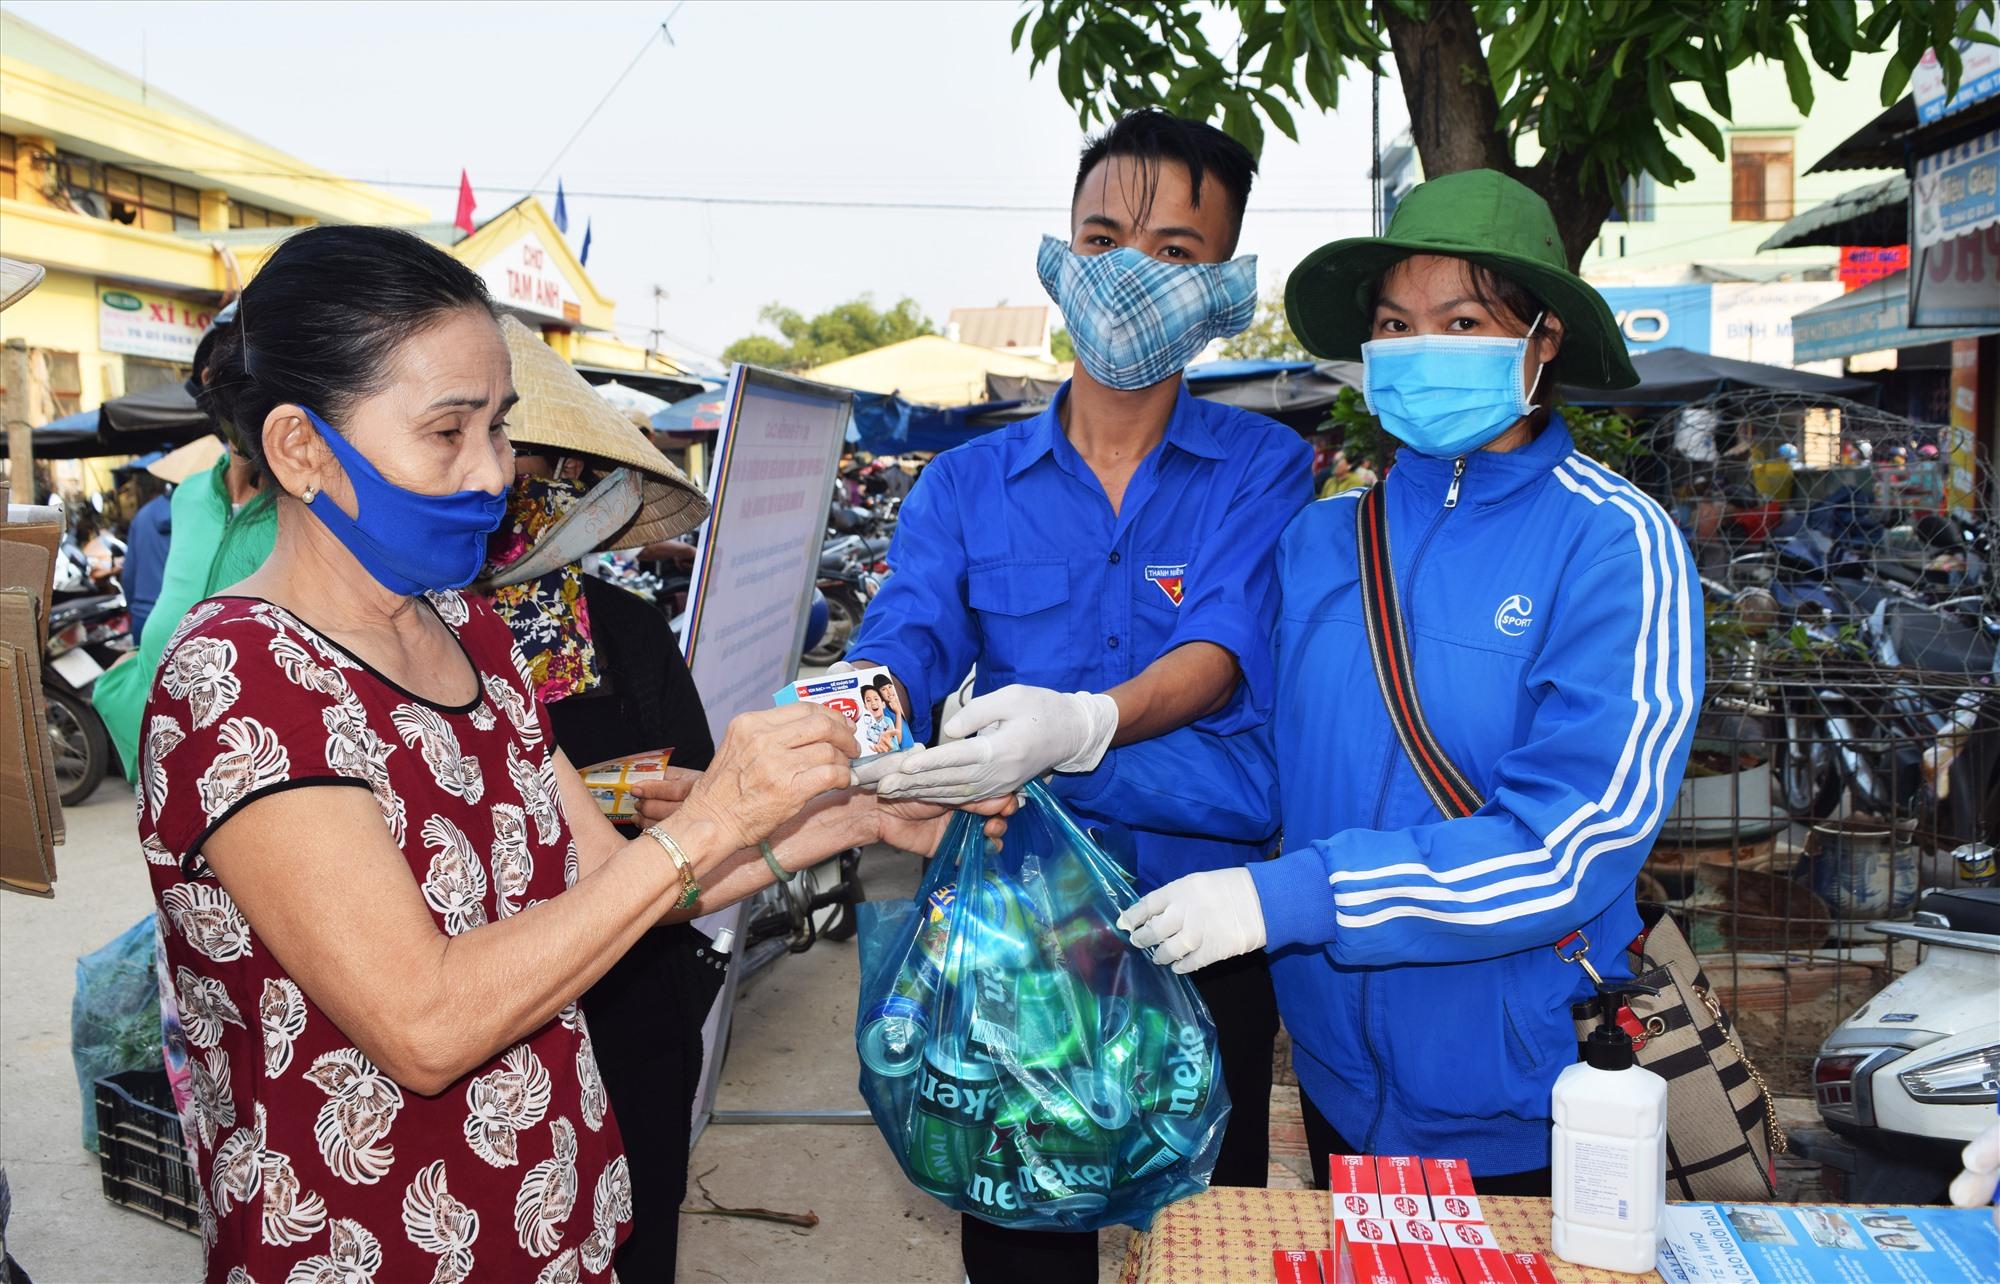 Nhân dân mang rác thải nhựa đến đổi các sản phẩm phòng chống dịch Covid-19. Ảnh: THÁI CƯỜNG